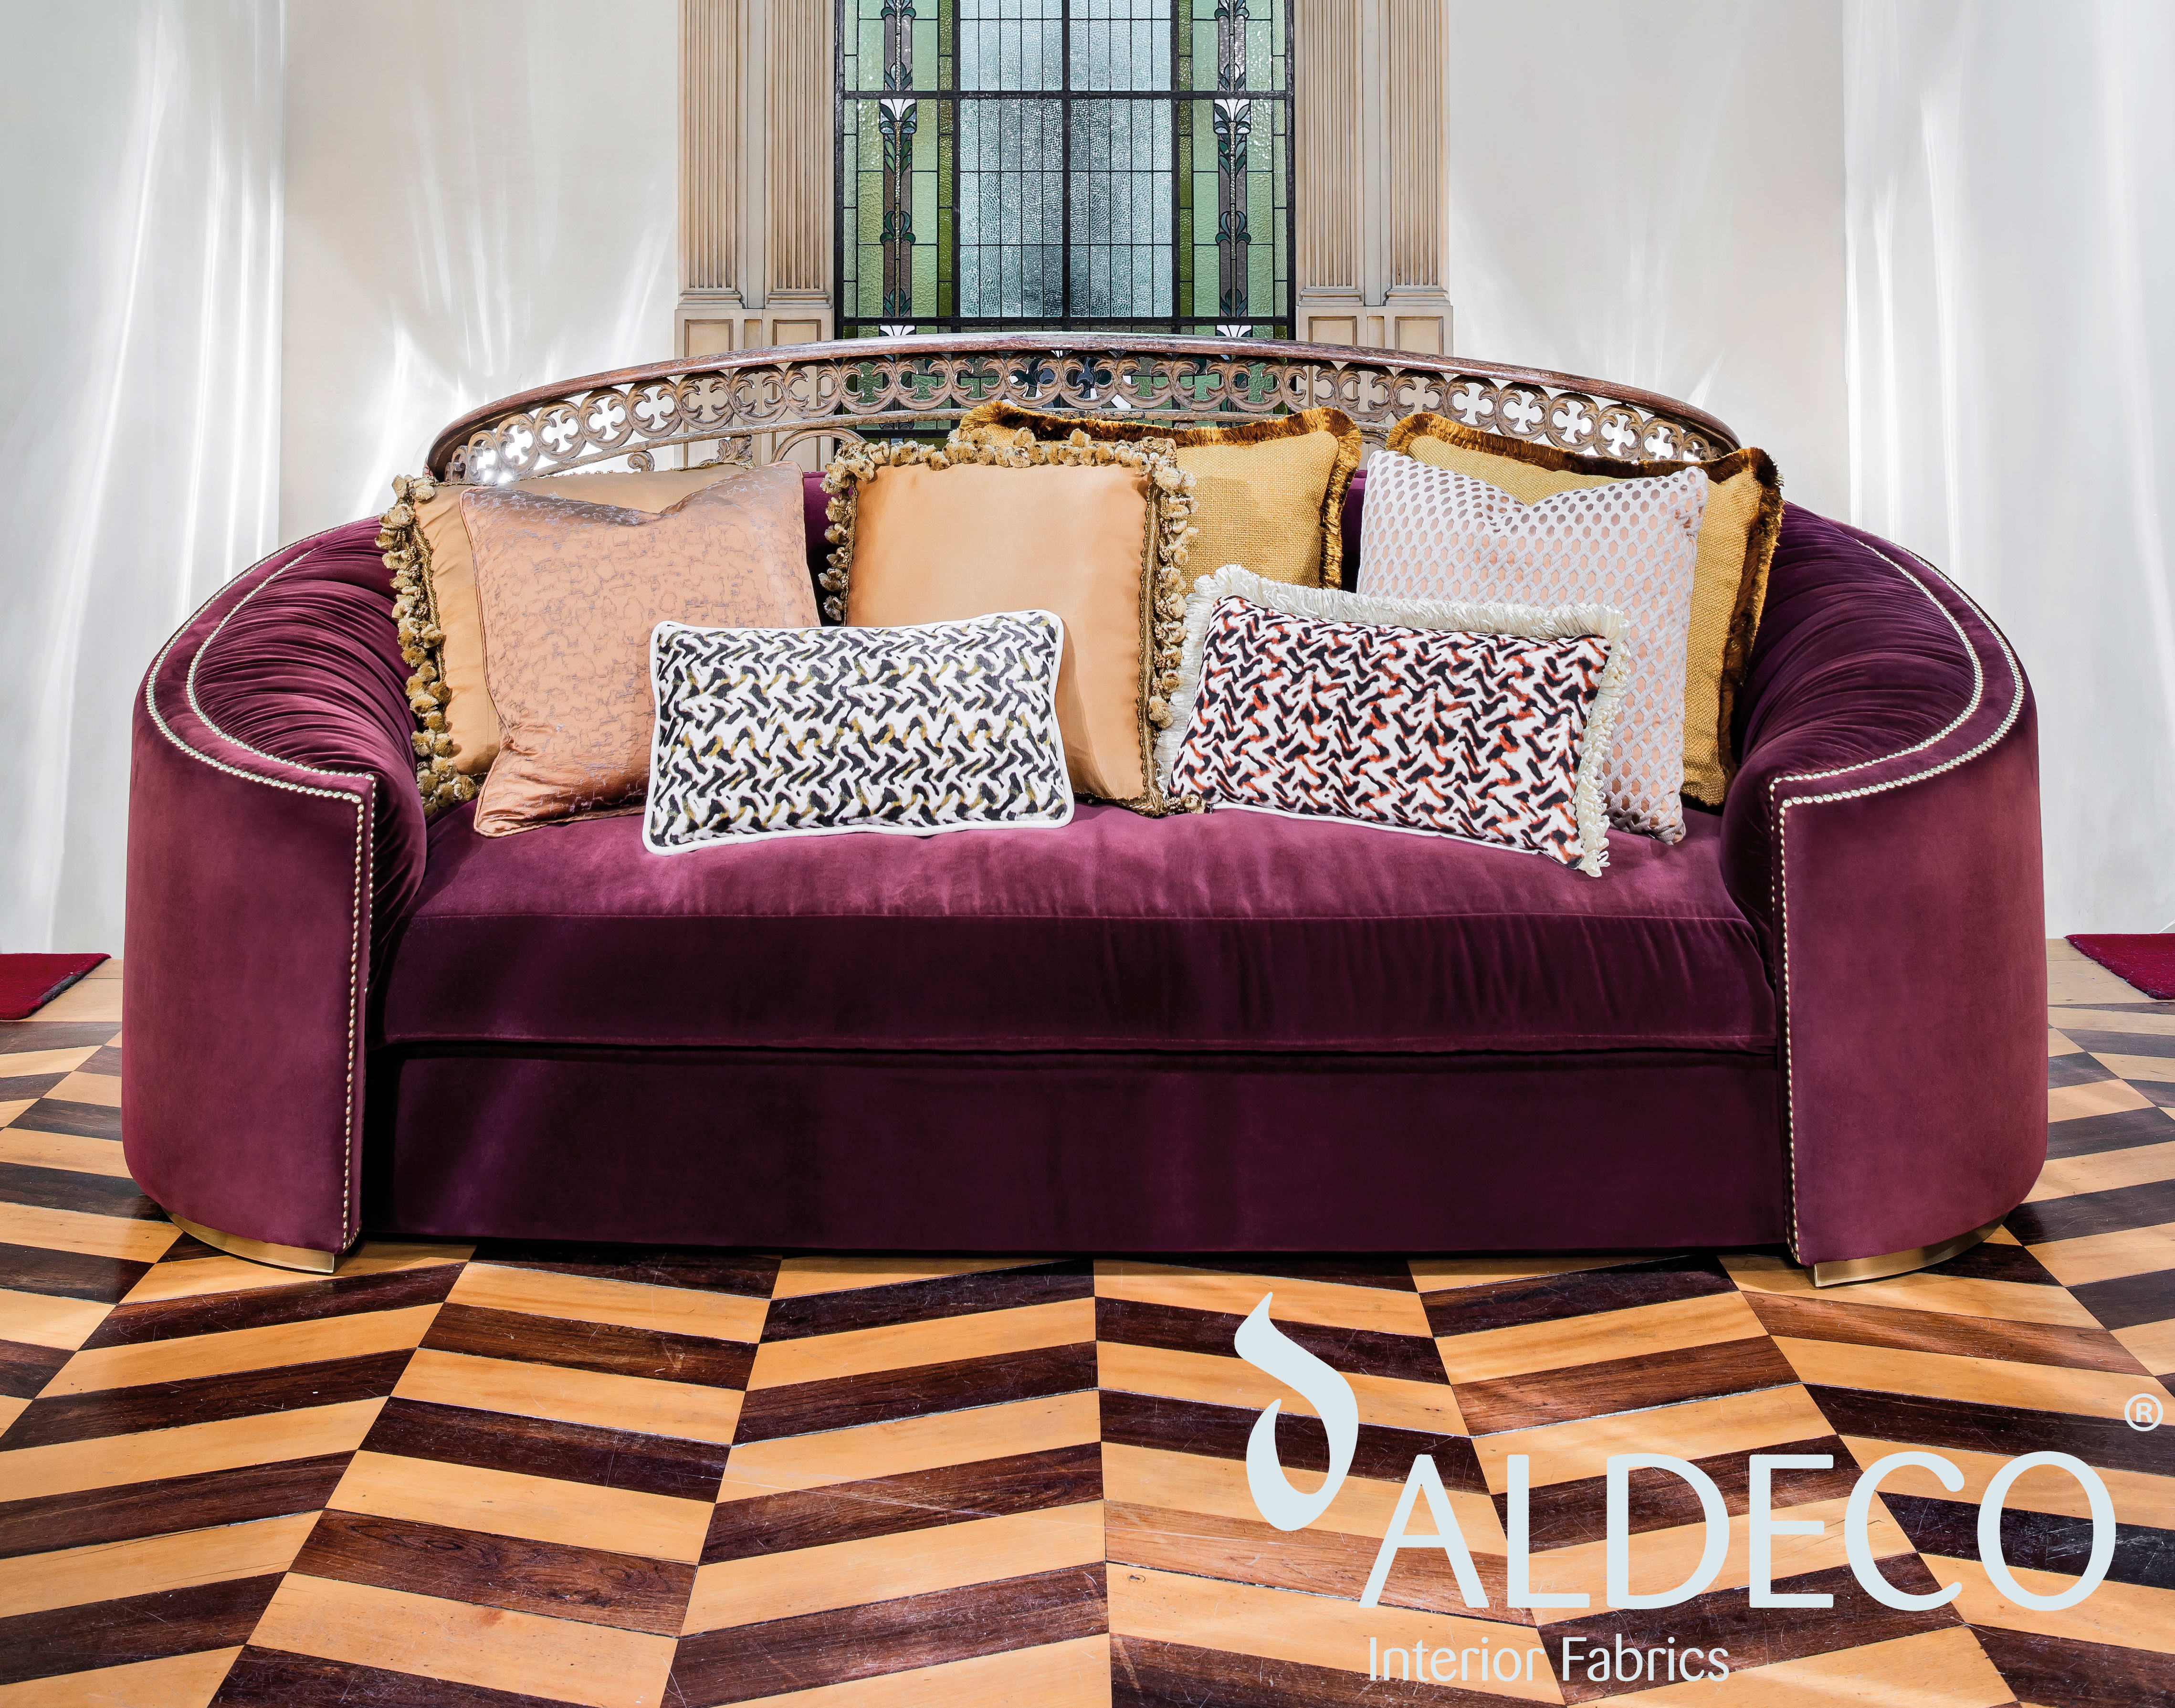 Aldeco, Interior Fabrics